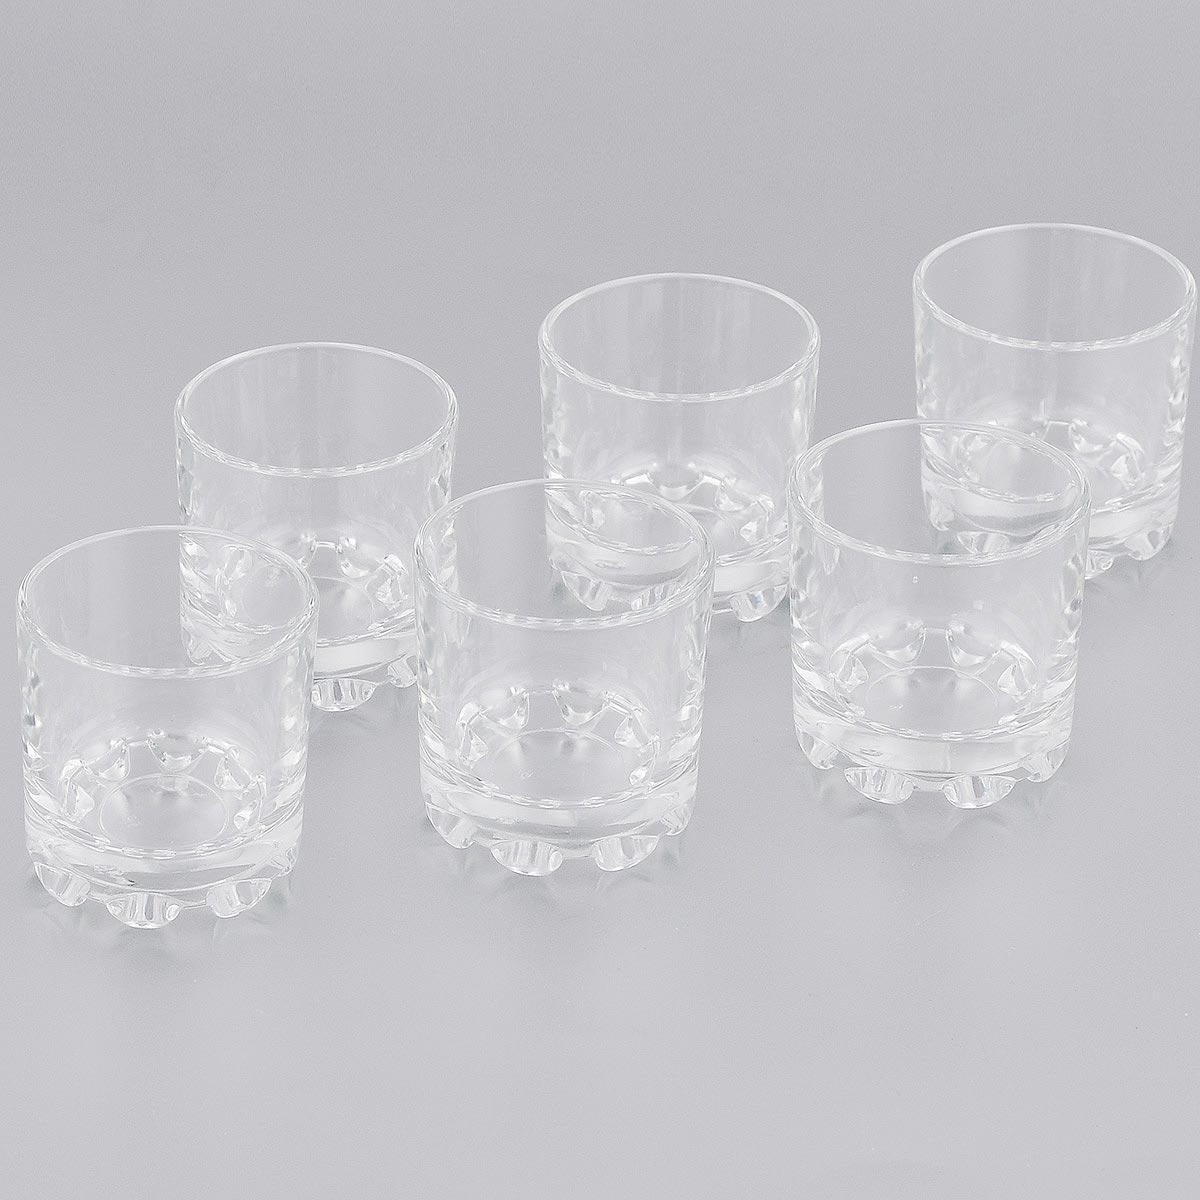 Набор стаканов OSZ Fusion Глория, 50 мл, 6 шт03c886 УНабор OSZ Fusion Глория состоит из шести стаканов, выполненных из прочного натрий-кальций-силикатного стекла. Изделия прекрасно подходят для различных напитков. Набор стаканов OSZ Fusion Глория идеален для ежедневного использования. Функциональность, практичность и стильный дизайн сделают набор прекрасным дополнением к вашей коллекции посуды. Диаметр стакана (по верхнему краю): 5 см. Высота стакана: 5,2 см.